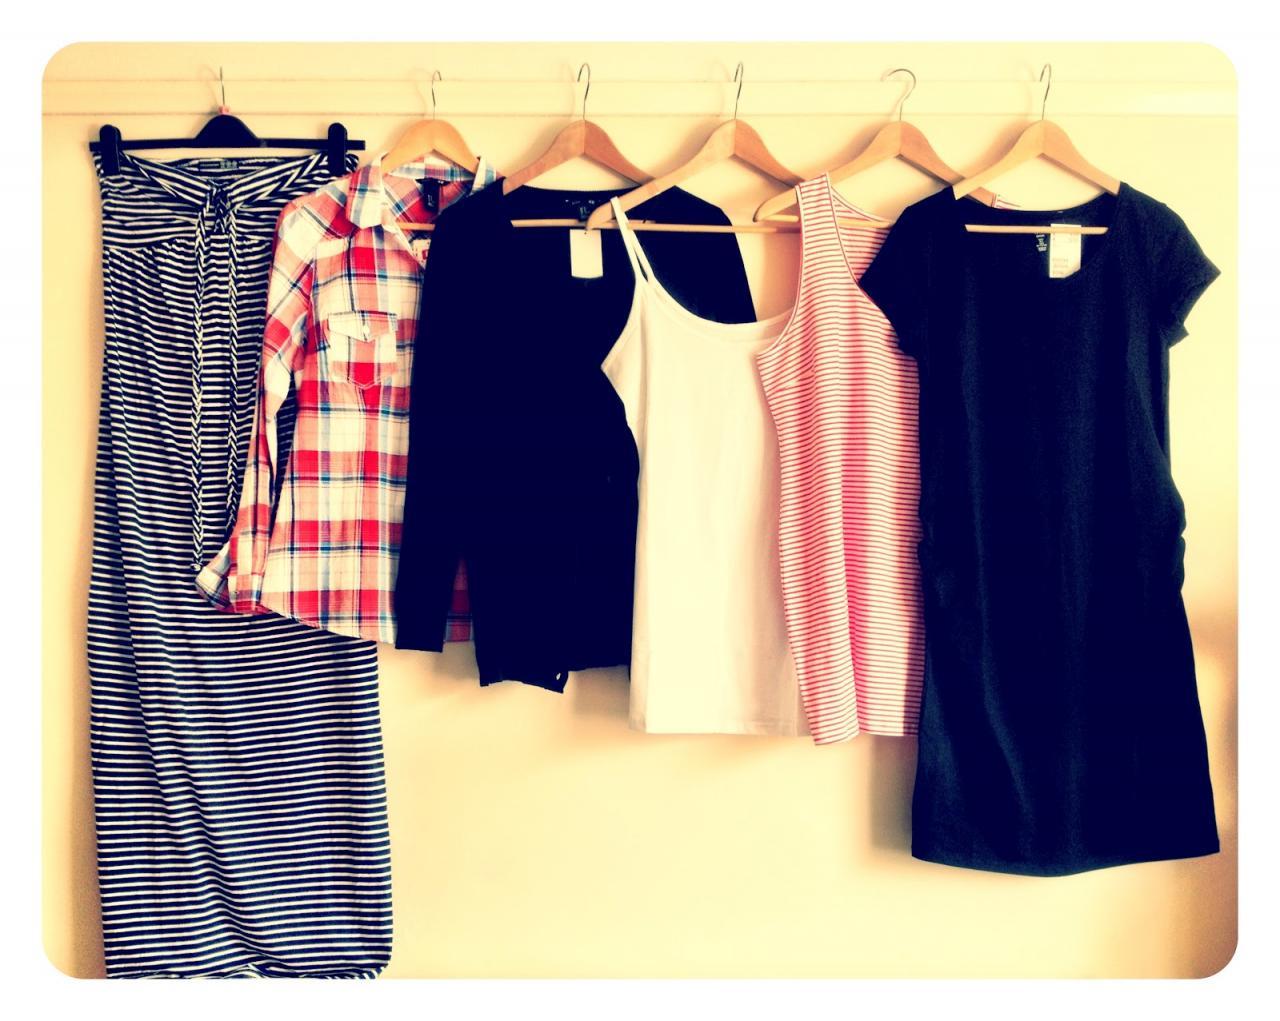 صورة الملابس الجديدة في المنام , رؤيا طيبة تشير الى حياة جديدة